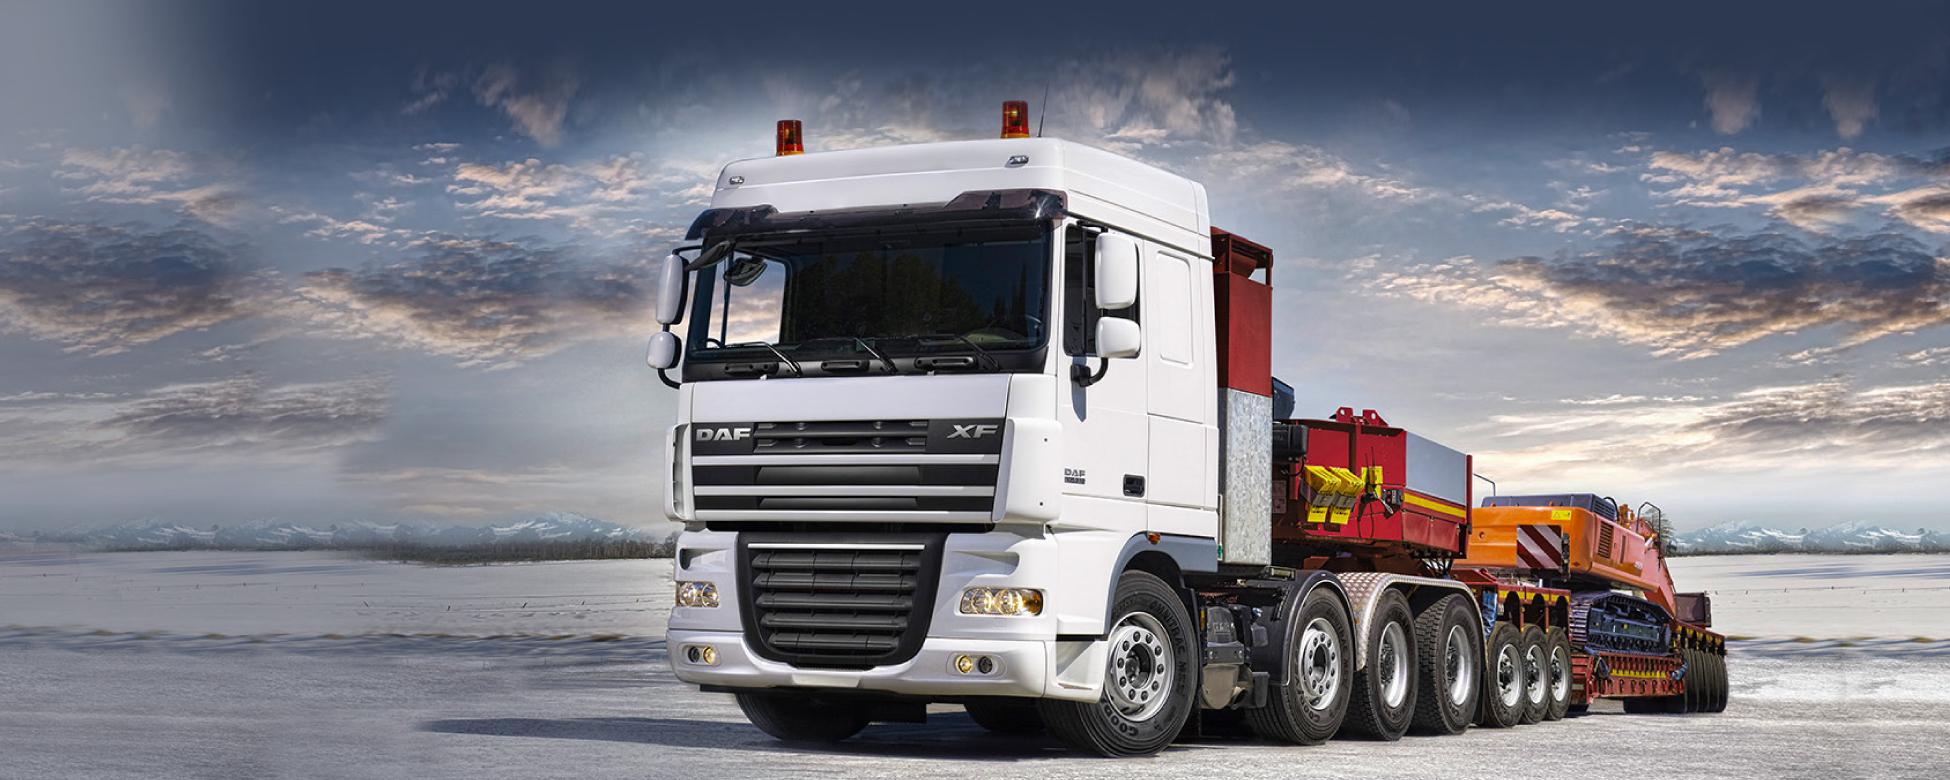 Pronájem nákladního vozu může být alternativou.